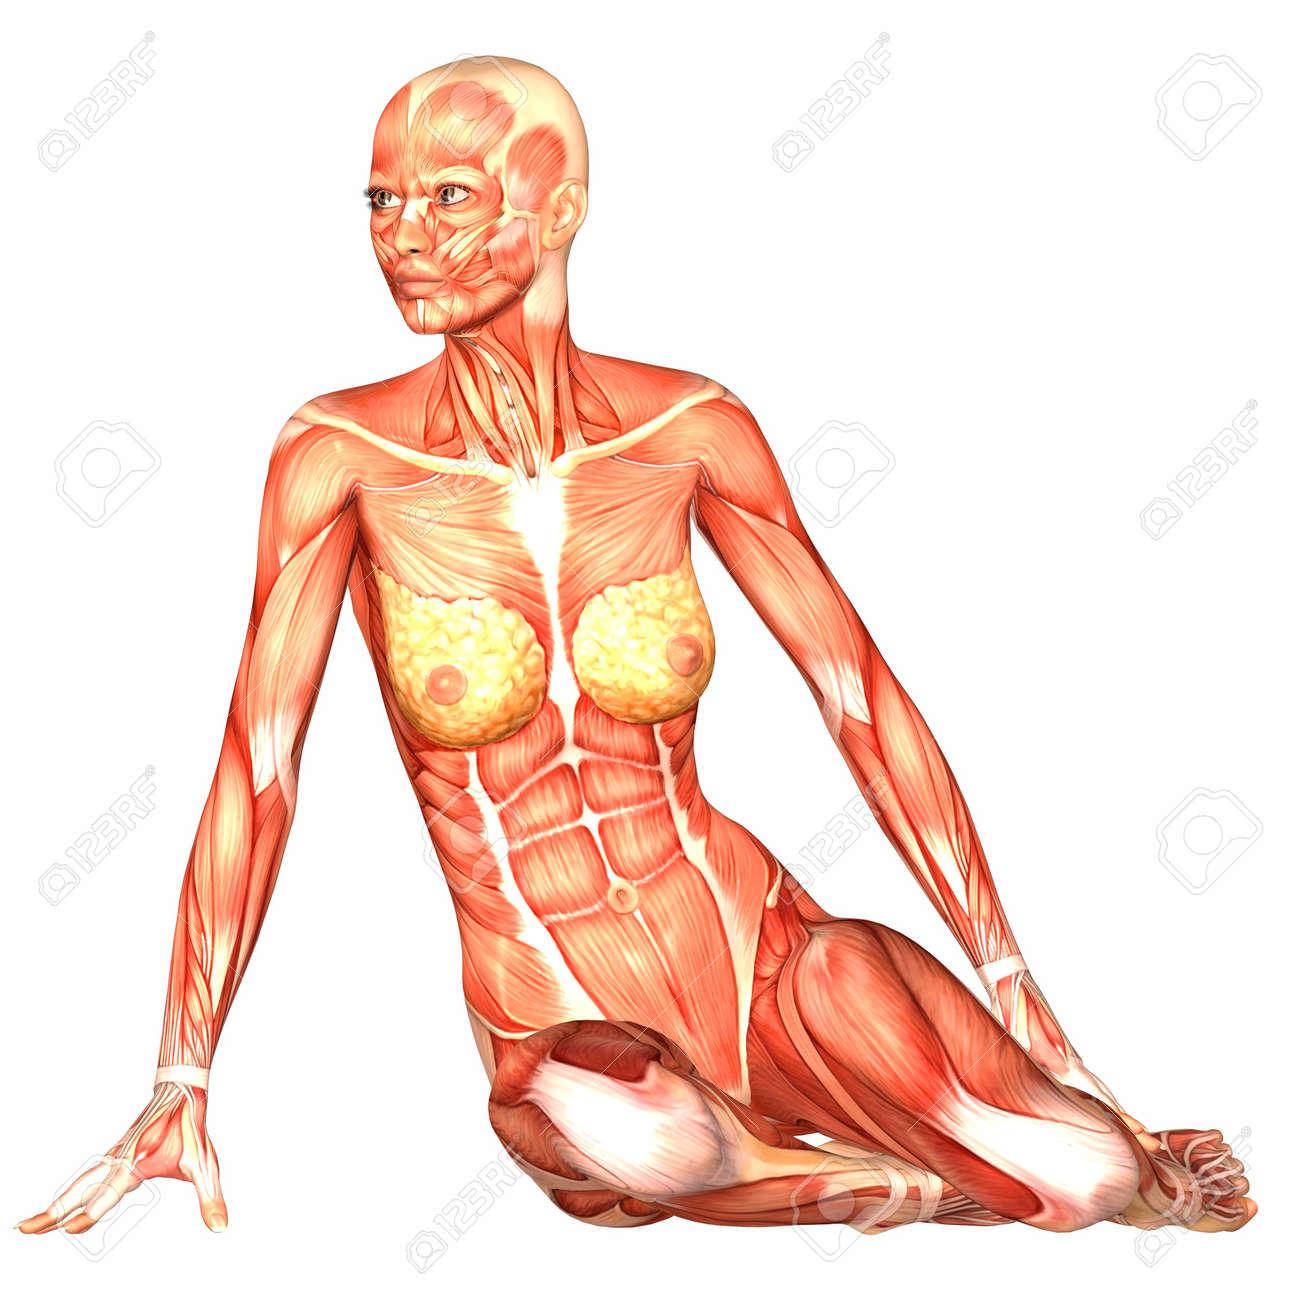 Ilustración De La Anatomía Del Cuerpo Humano Femenino Aislado En Un ...